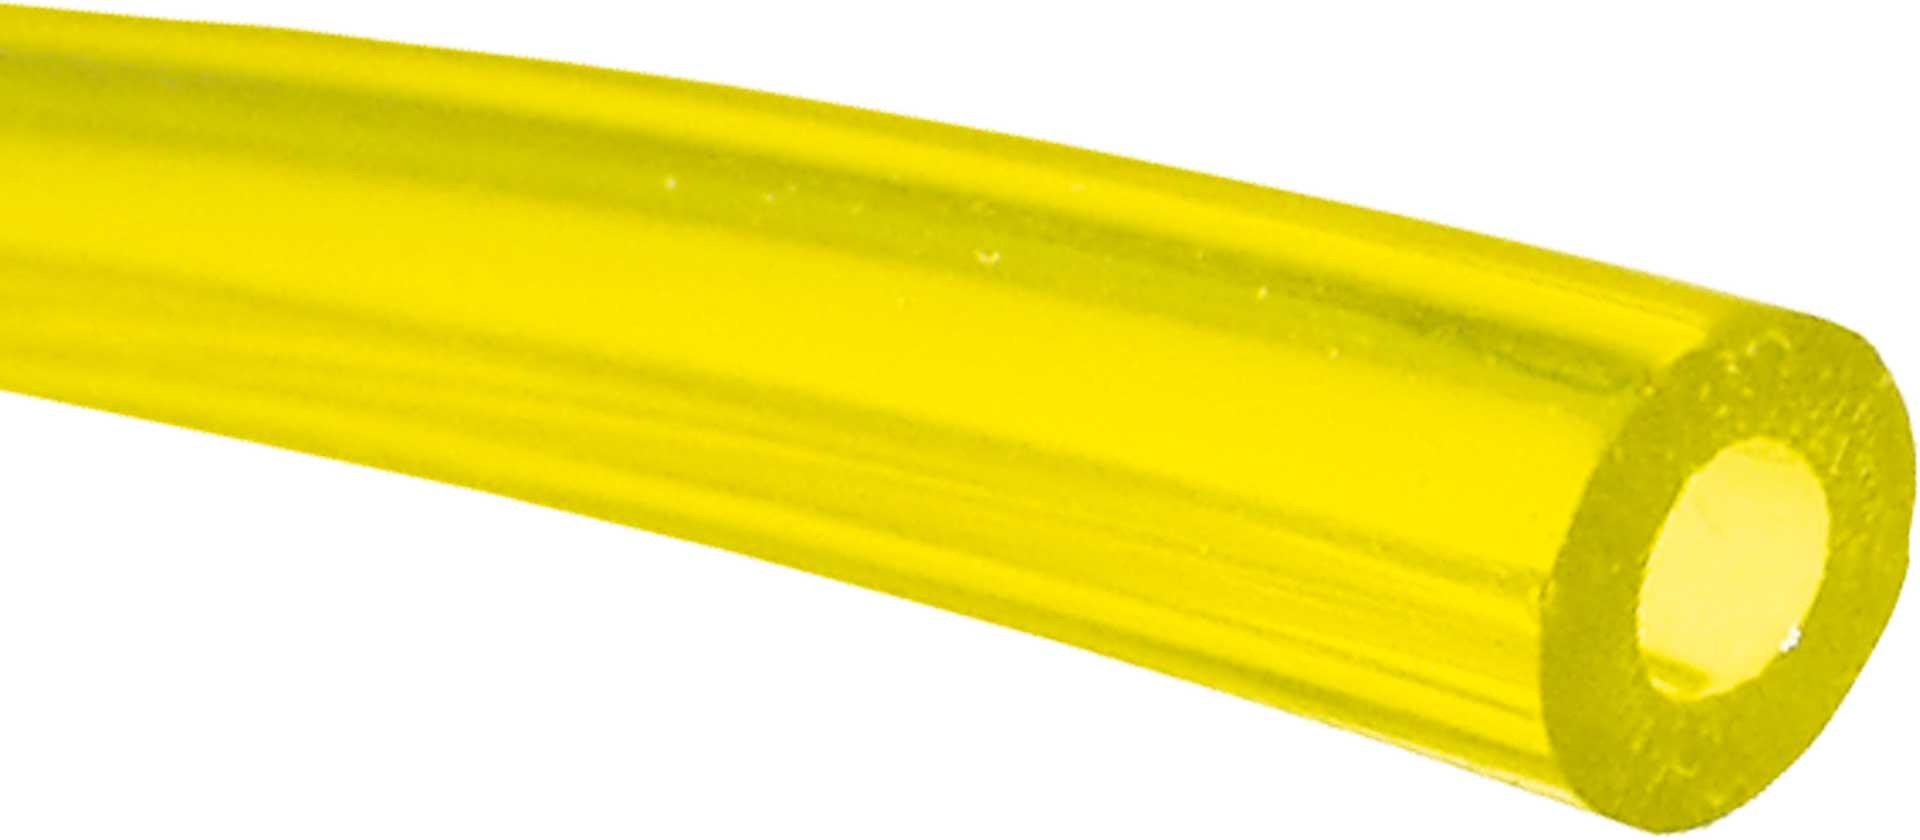 Robbe Modellsport TYGON © Benzinschlauch 4,8/8mm 15 Meter